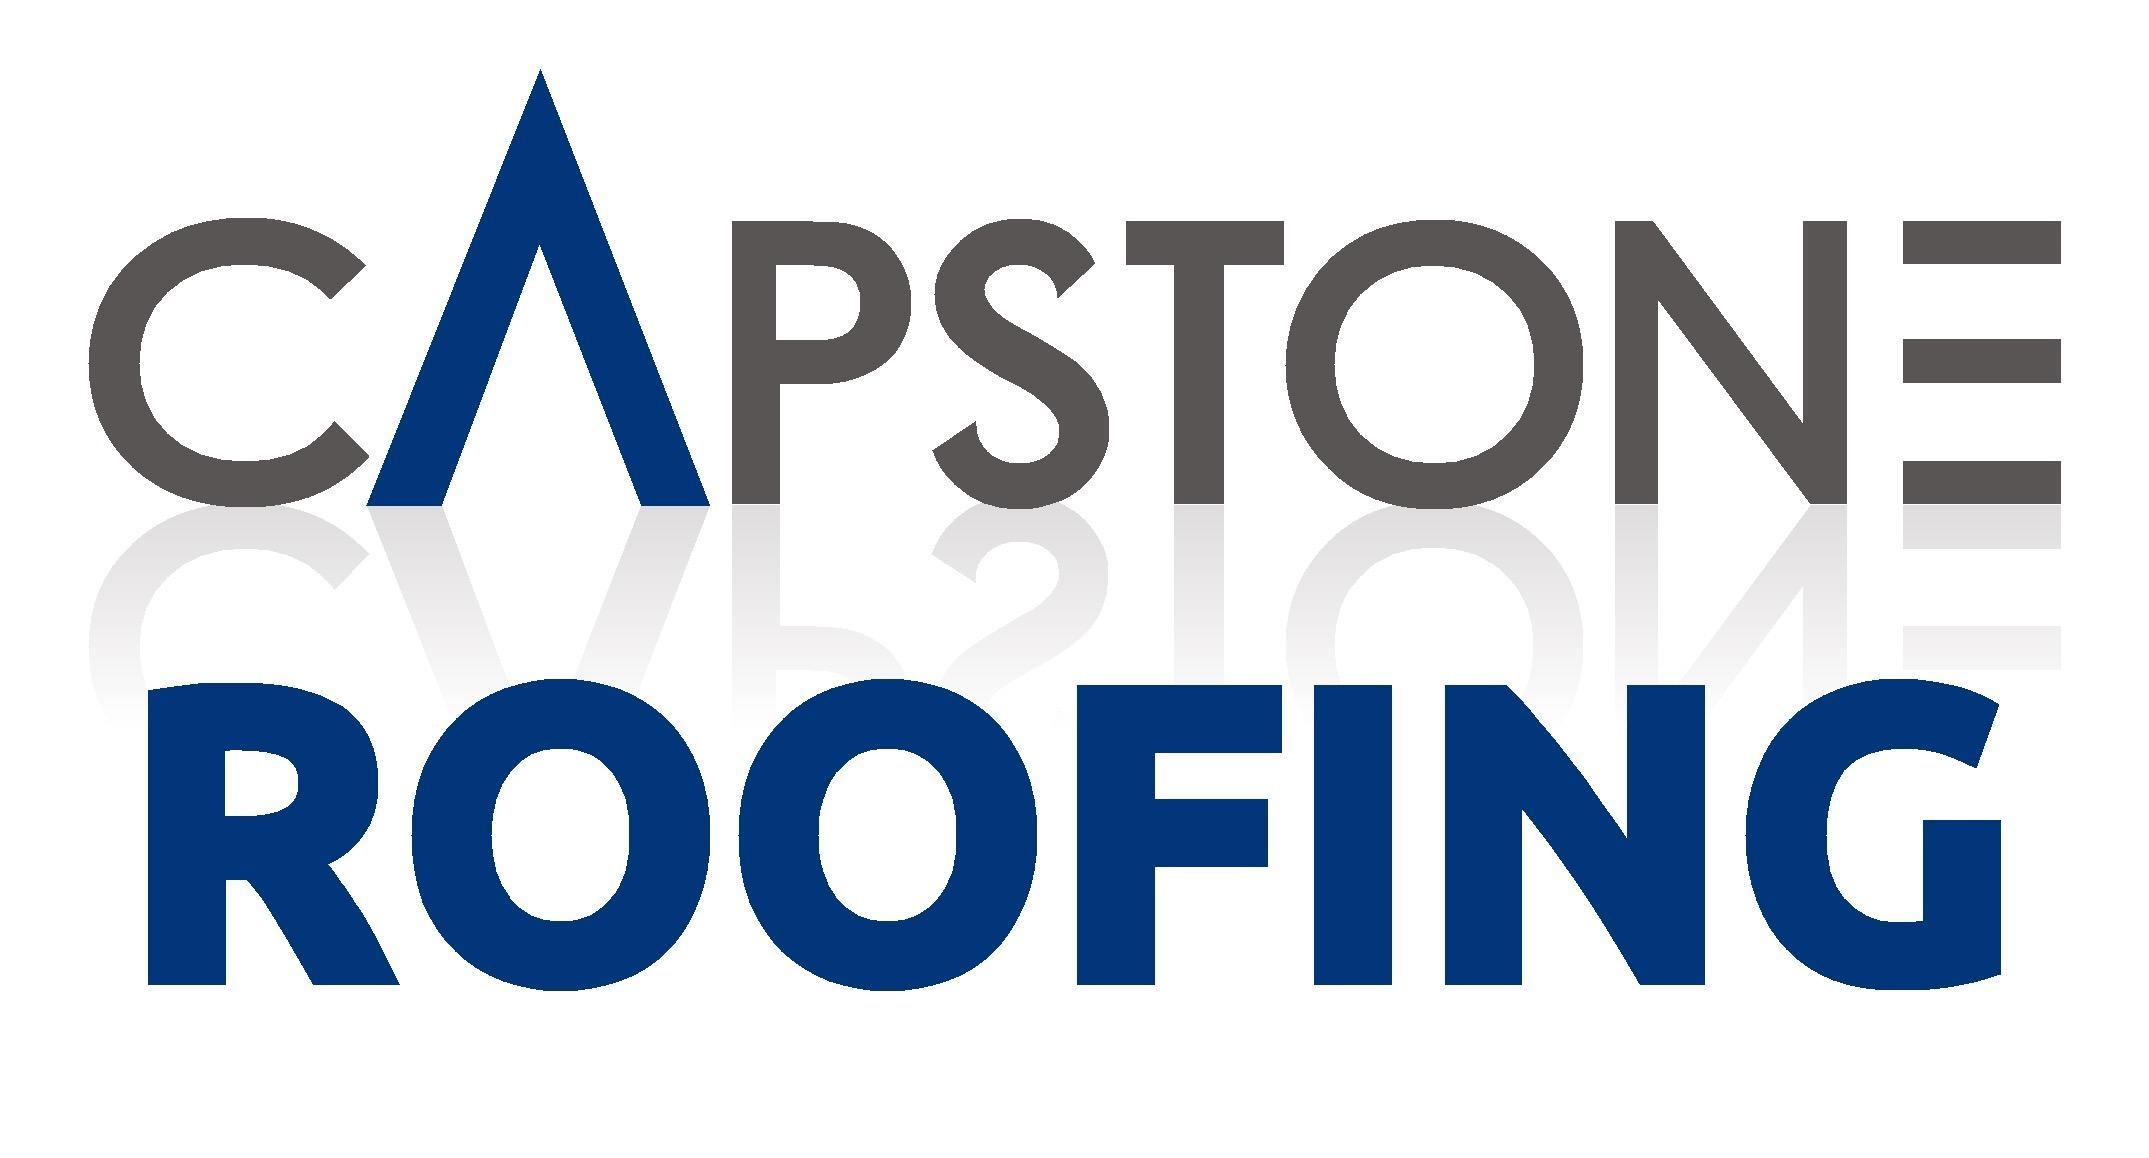 Capstone Roofing, LLC located in Birmingham, Alabama.